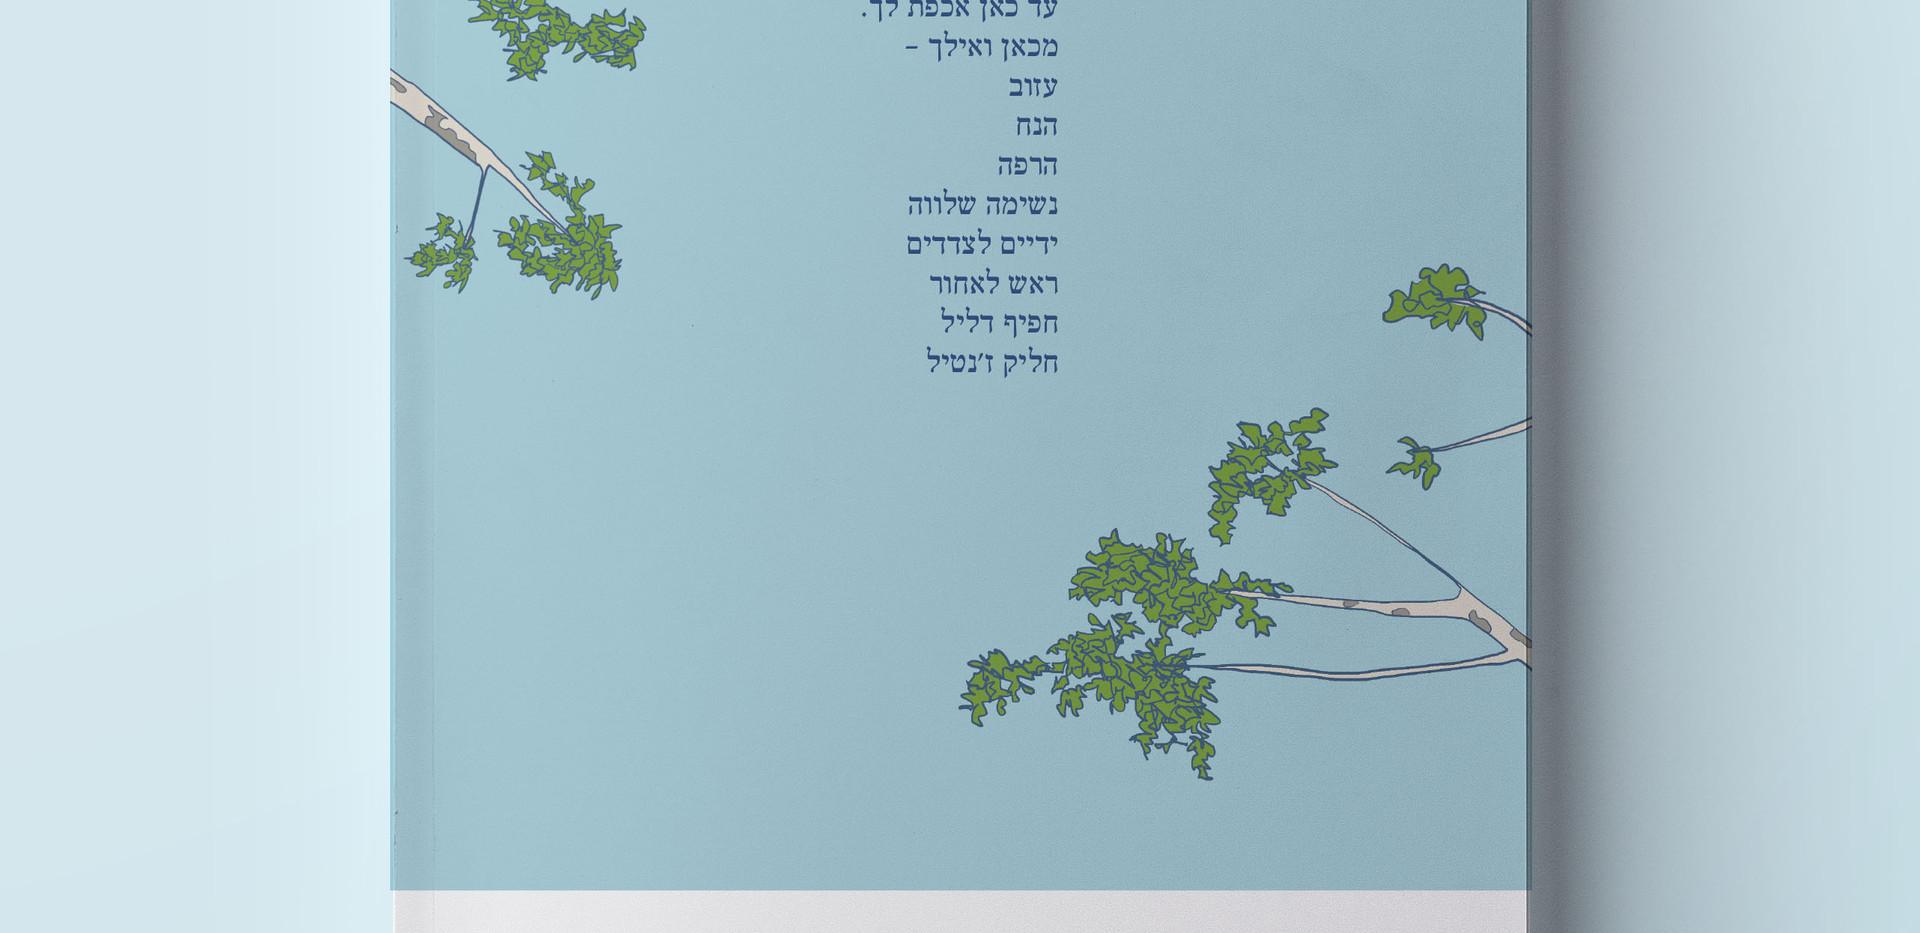 מאיר אריאל - שירים ולחנים, כריכה אחורית